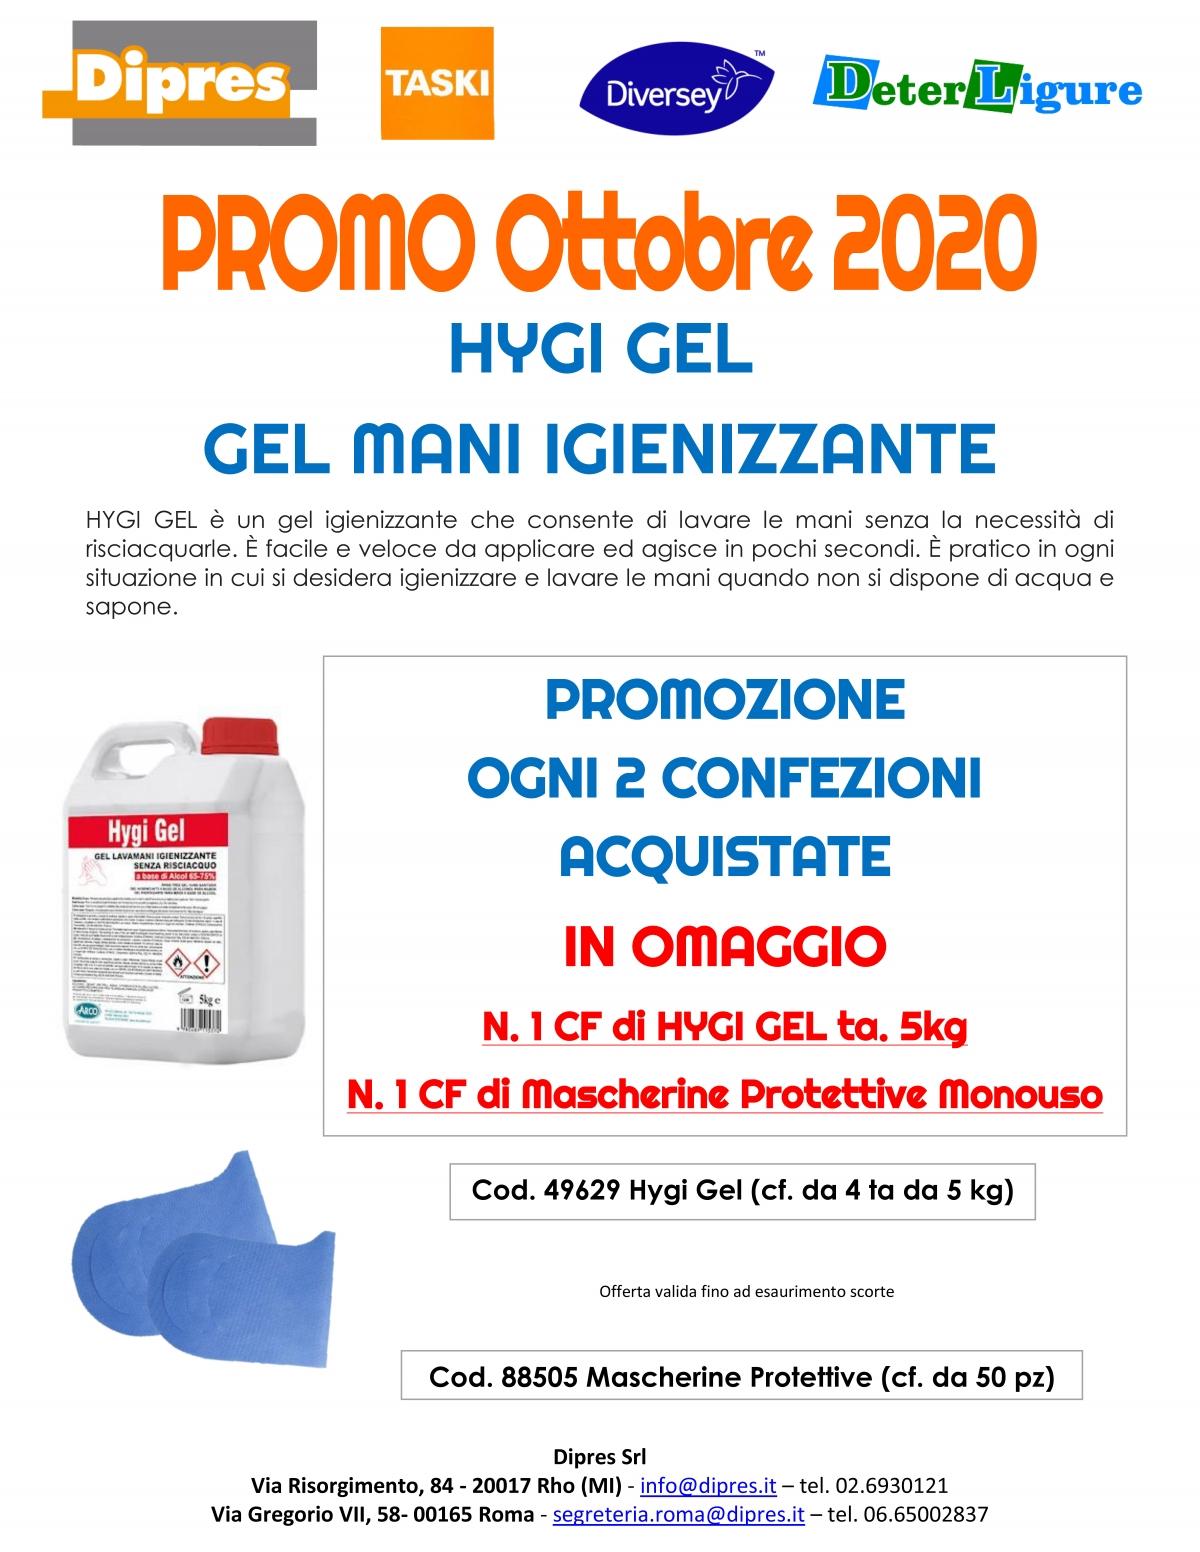 Promozione 2+1+1 hygi gel